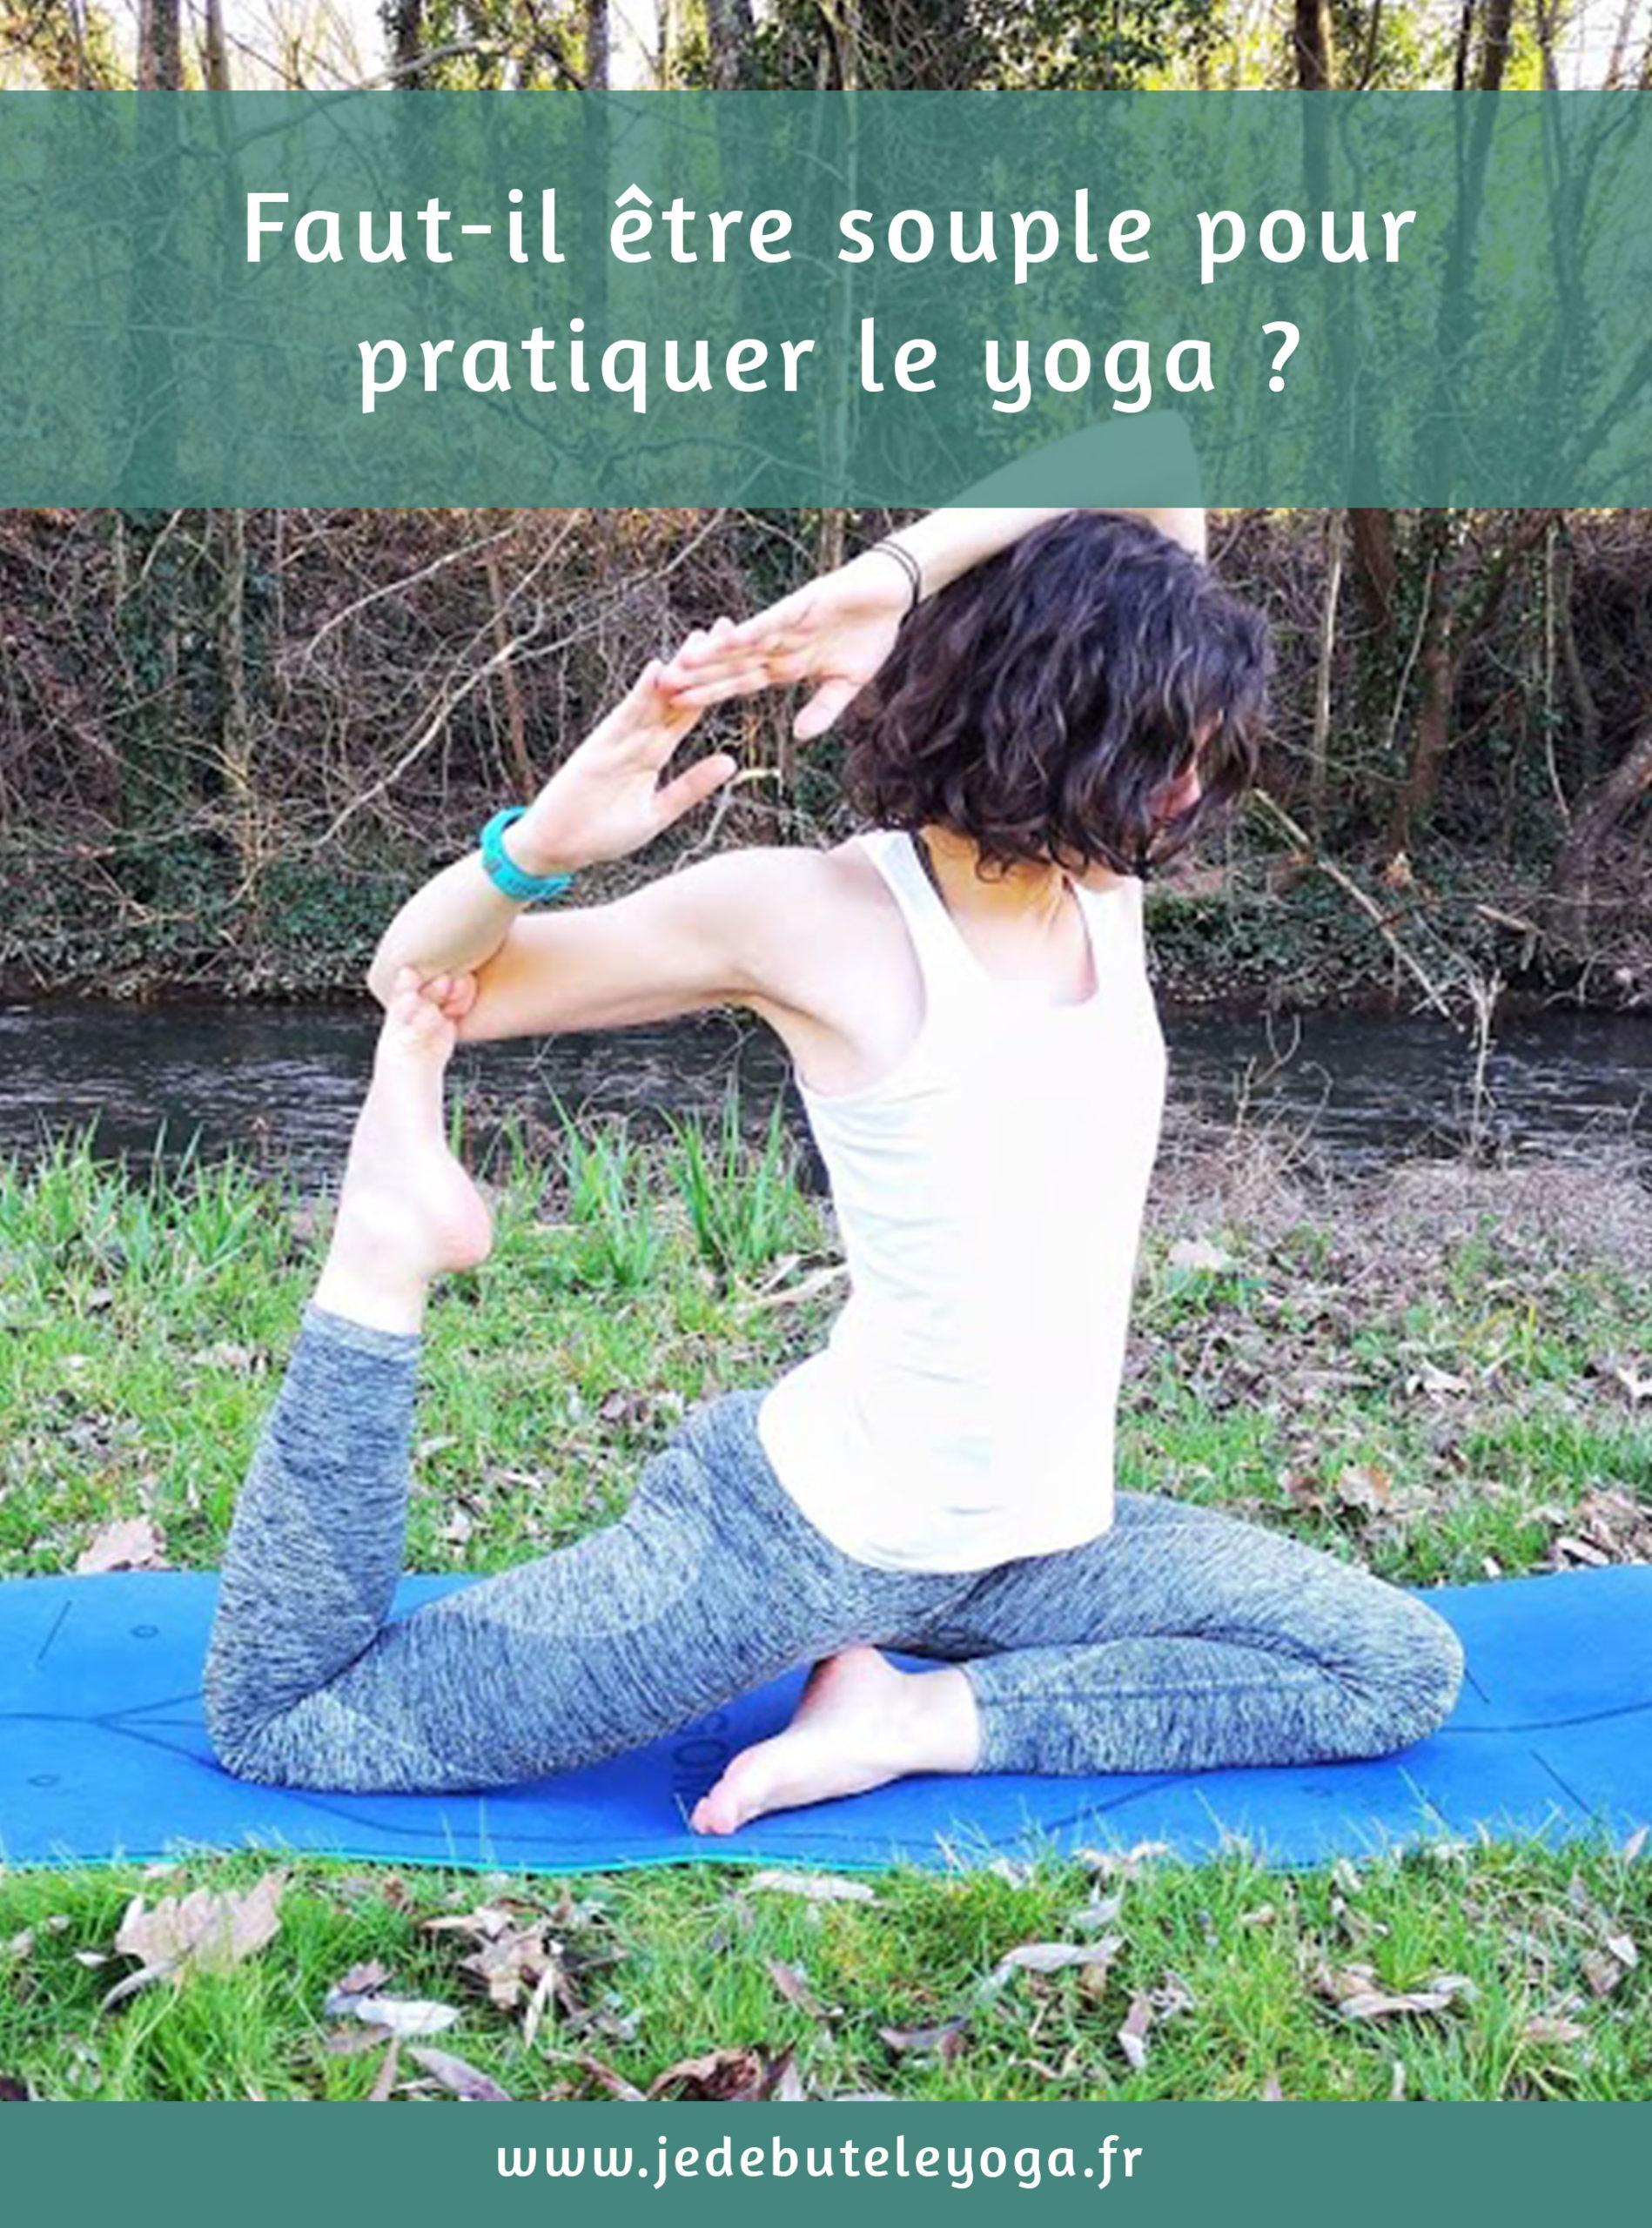 a-t-on besoin d'être souplesse pour faire du yoga ?